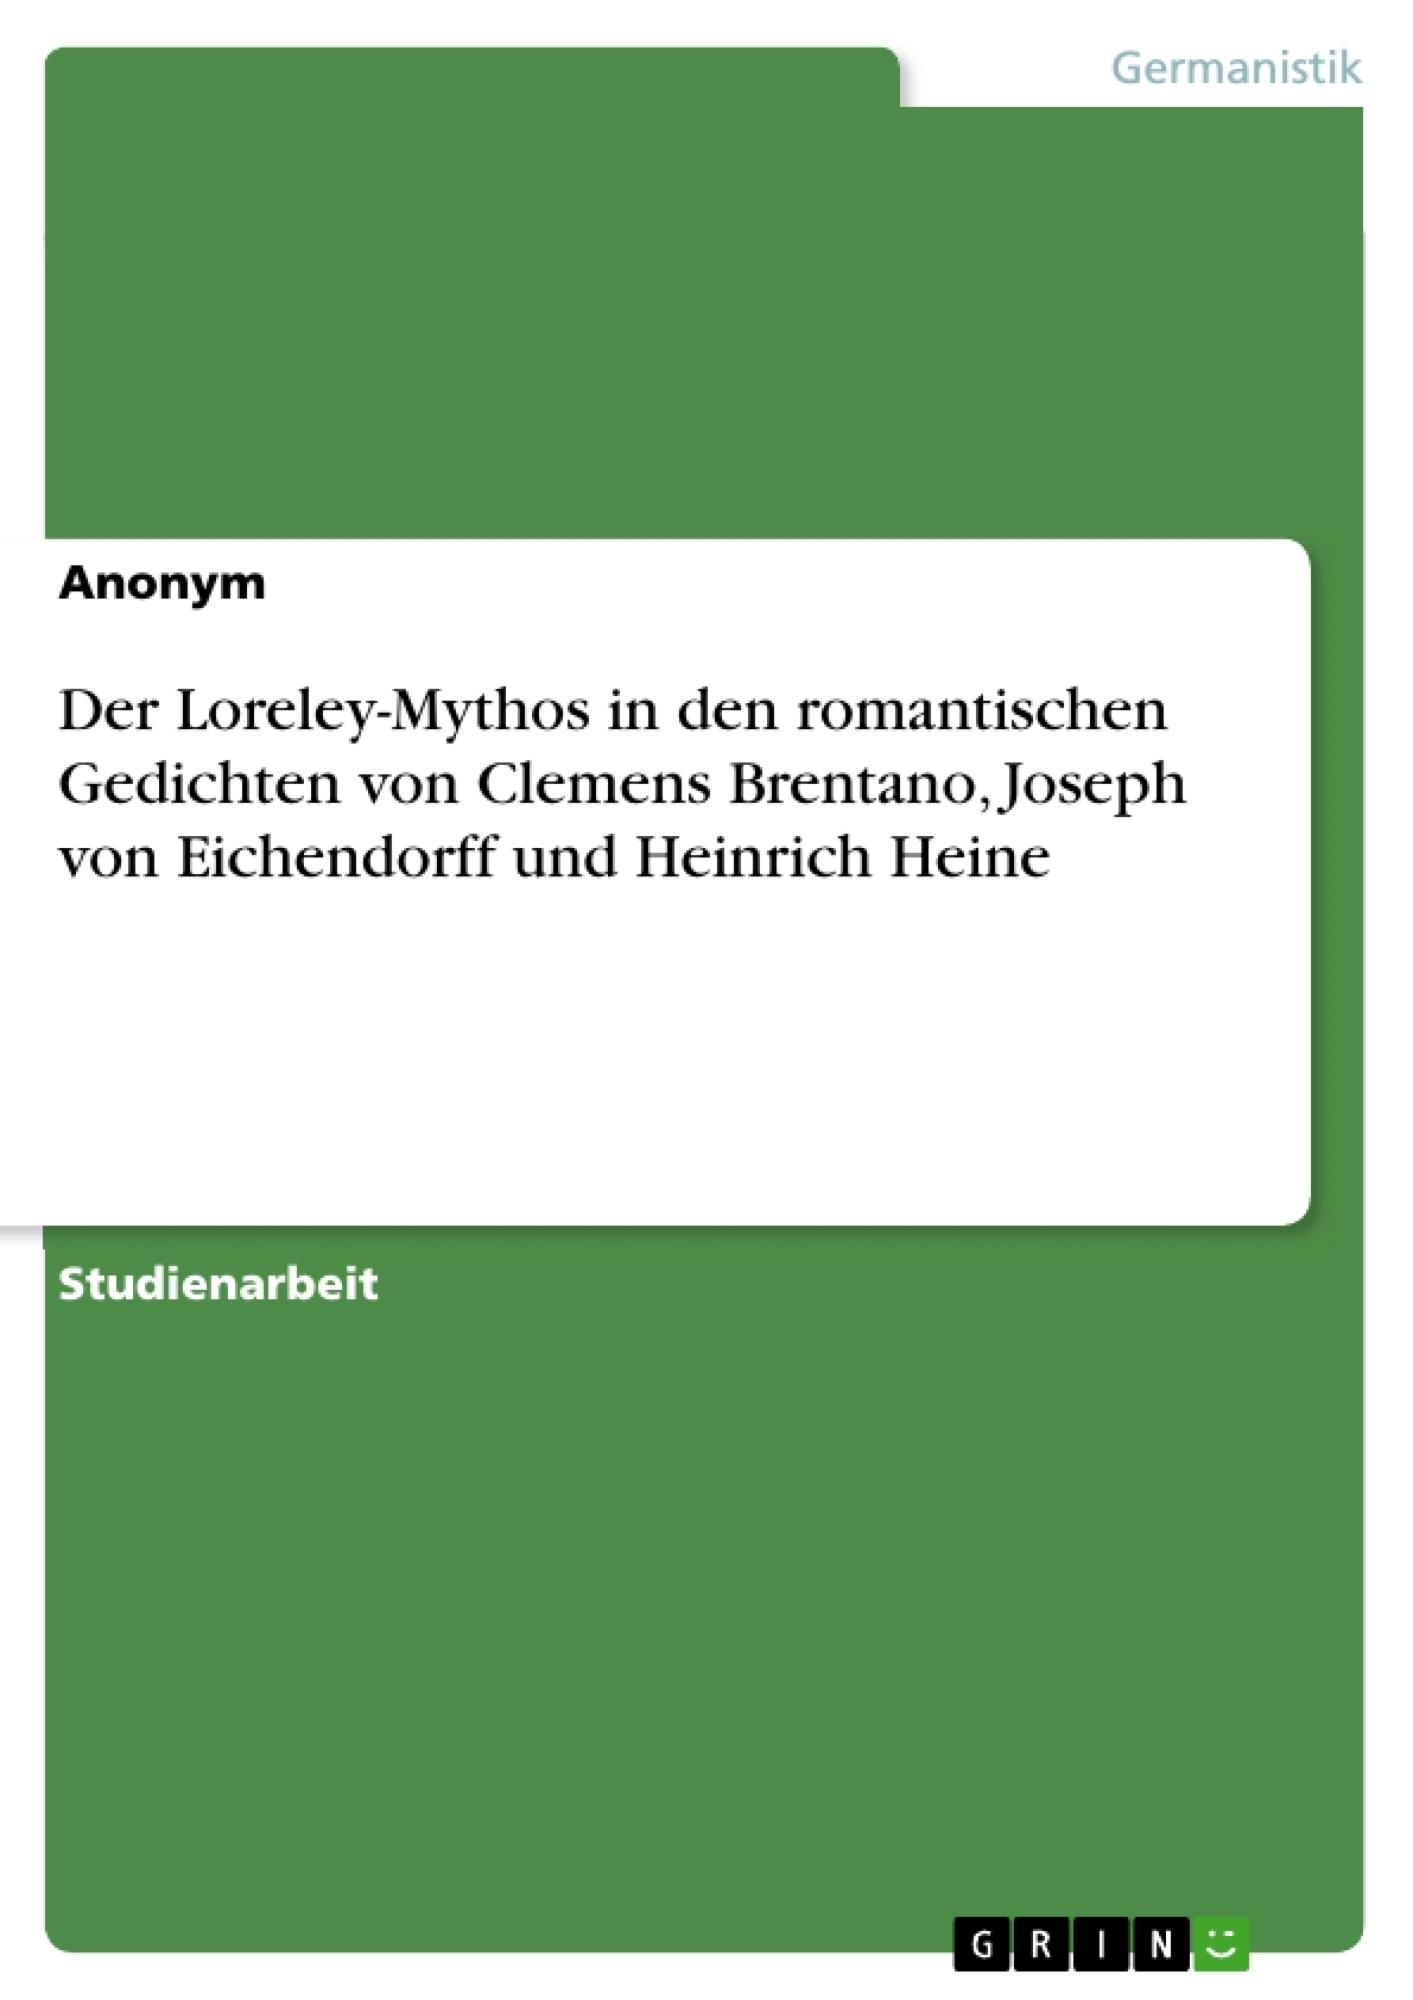 Titel: Der Loreley-Mythos in den romantischen Gedichten von Clemens Brentano, Joseph von Eichendorff und Heinrich Heine